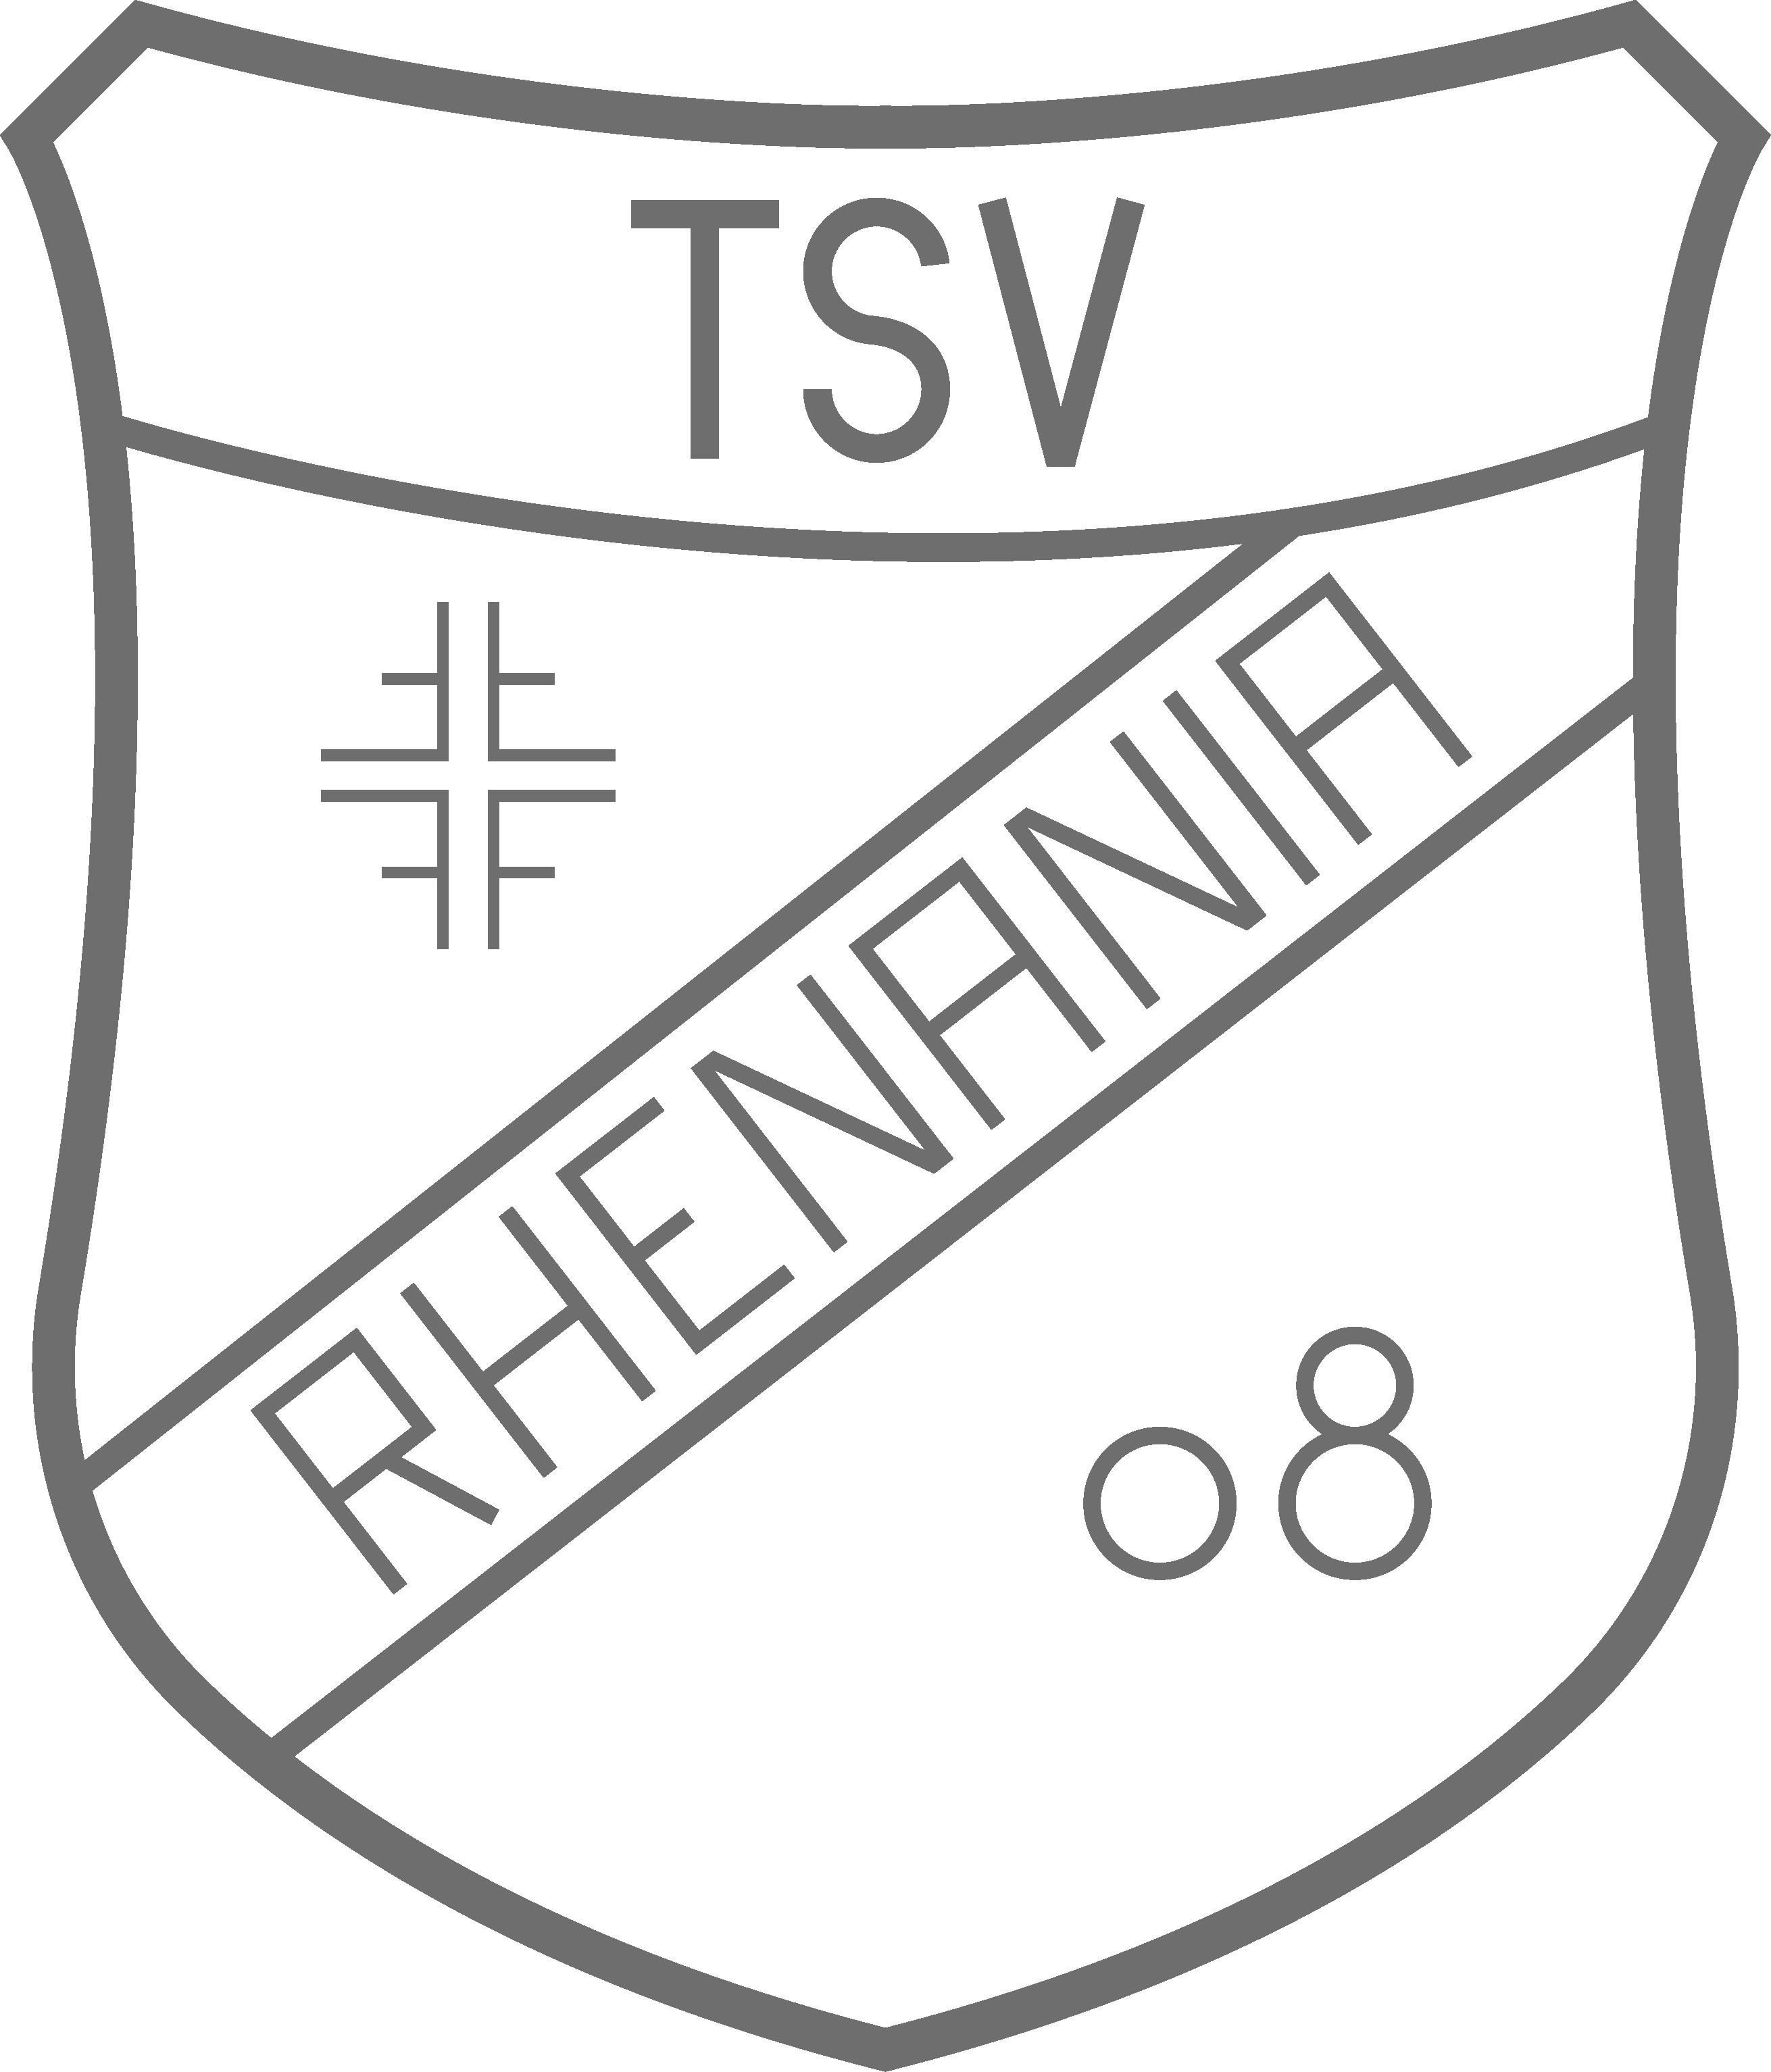 TSV Rhenania Rheindürkheim 08 e.V.